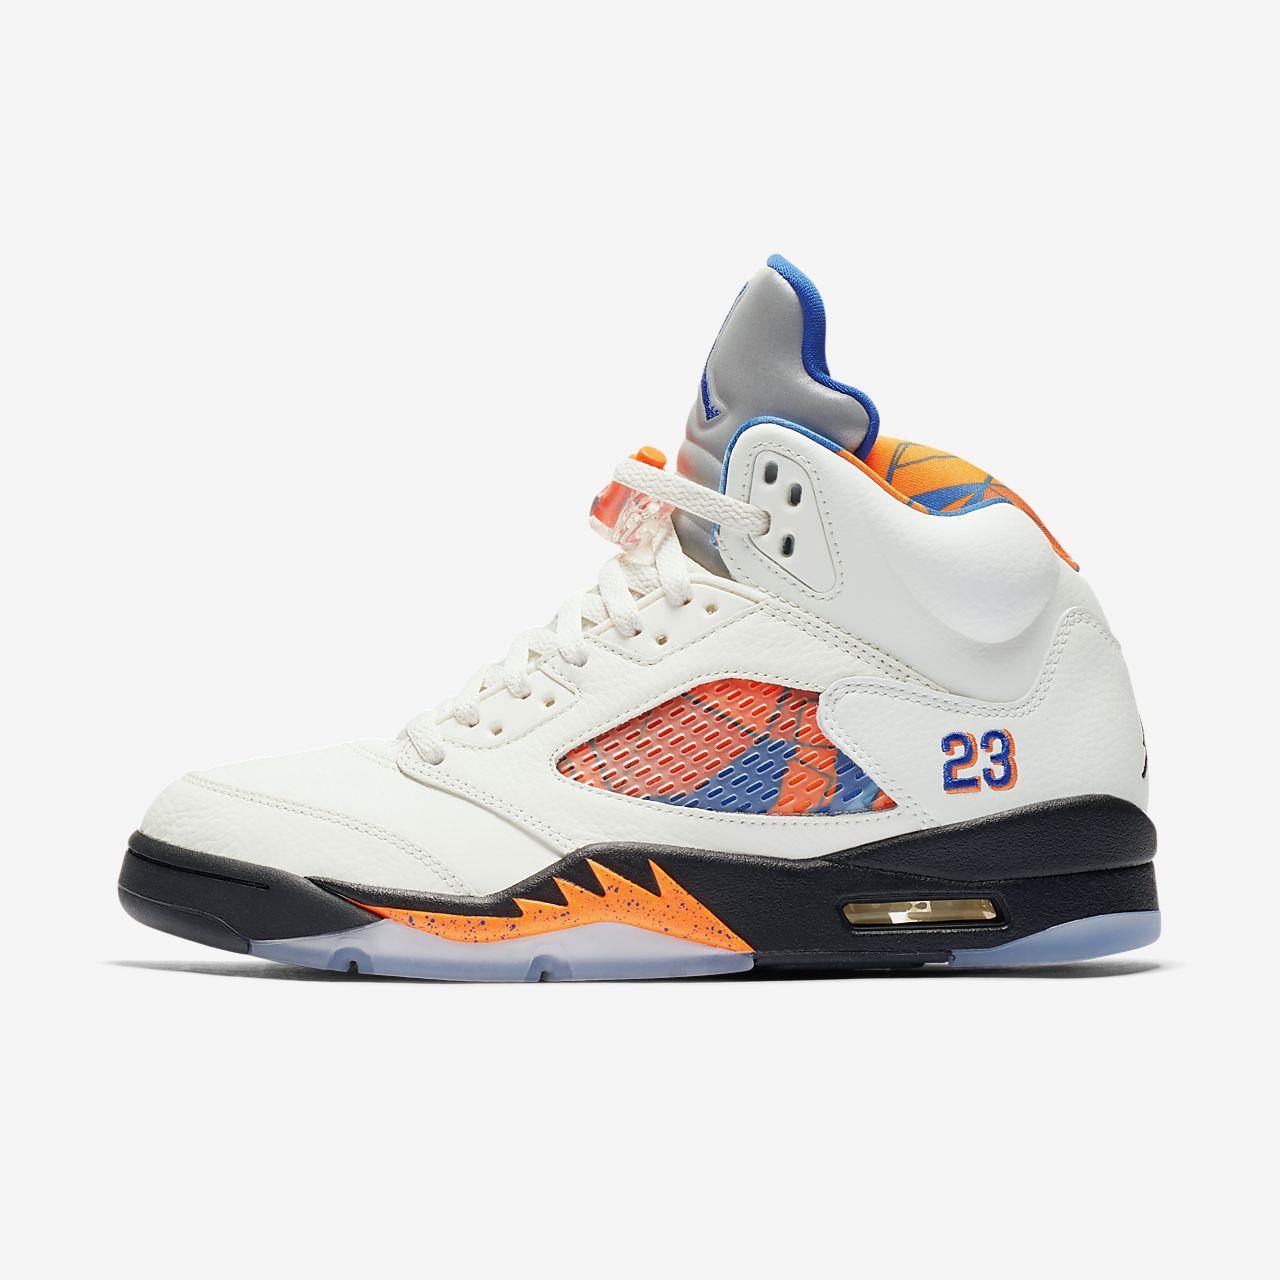 afba8cc5a1f9cb Air Jordan 5 Retro Men s Shoe. Nike.com SG